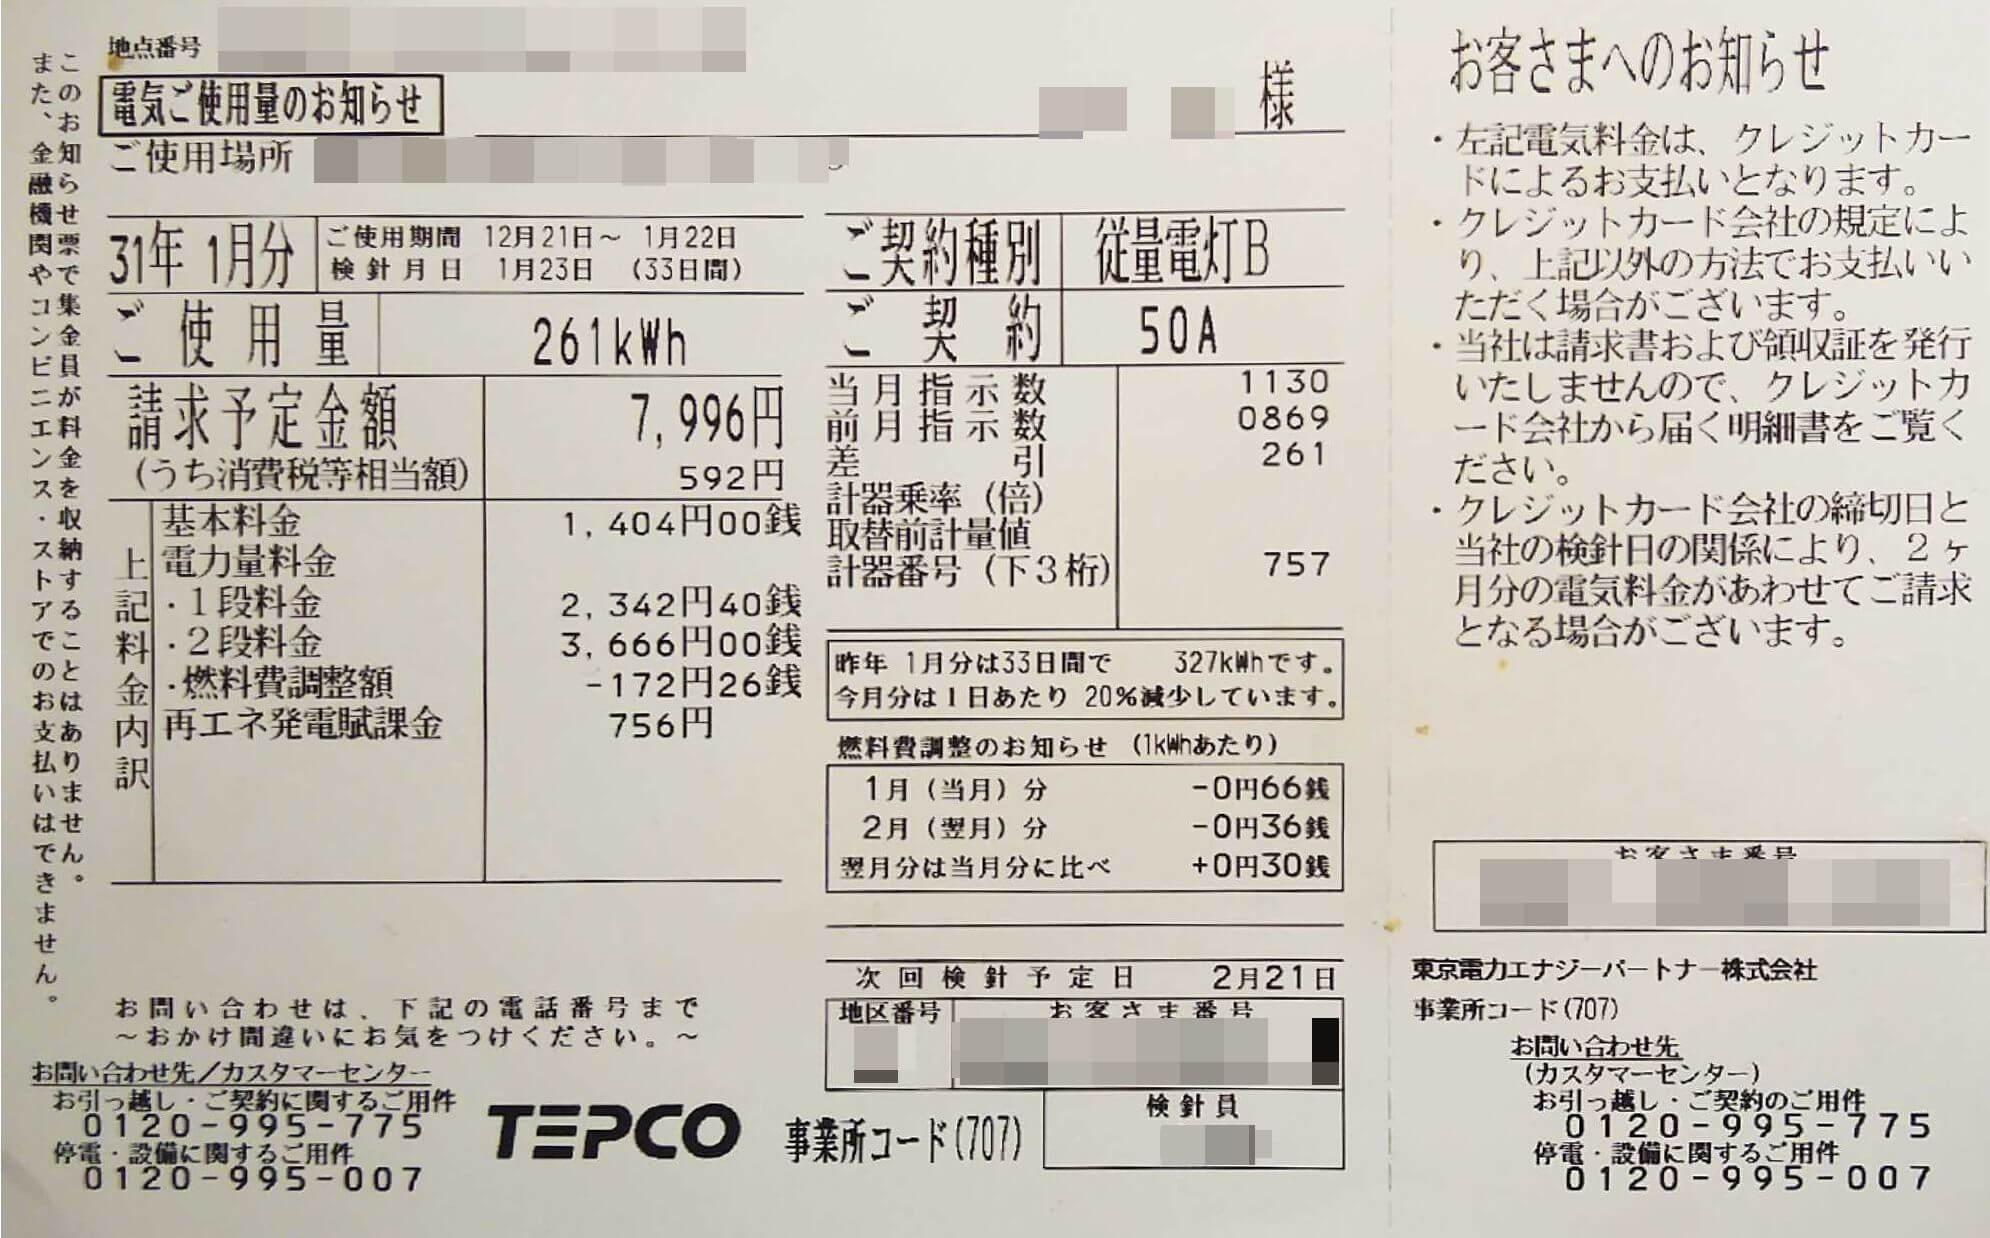 東京電力の検針票(電気ご使用量のお知らせ)